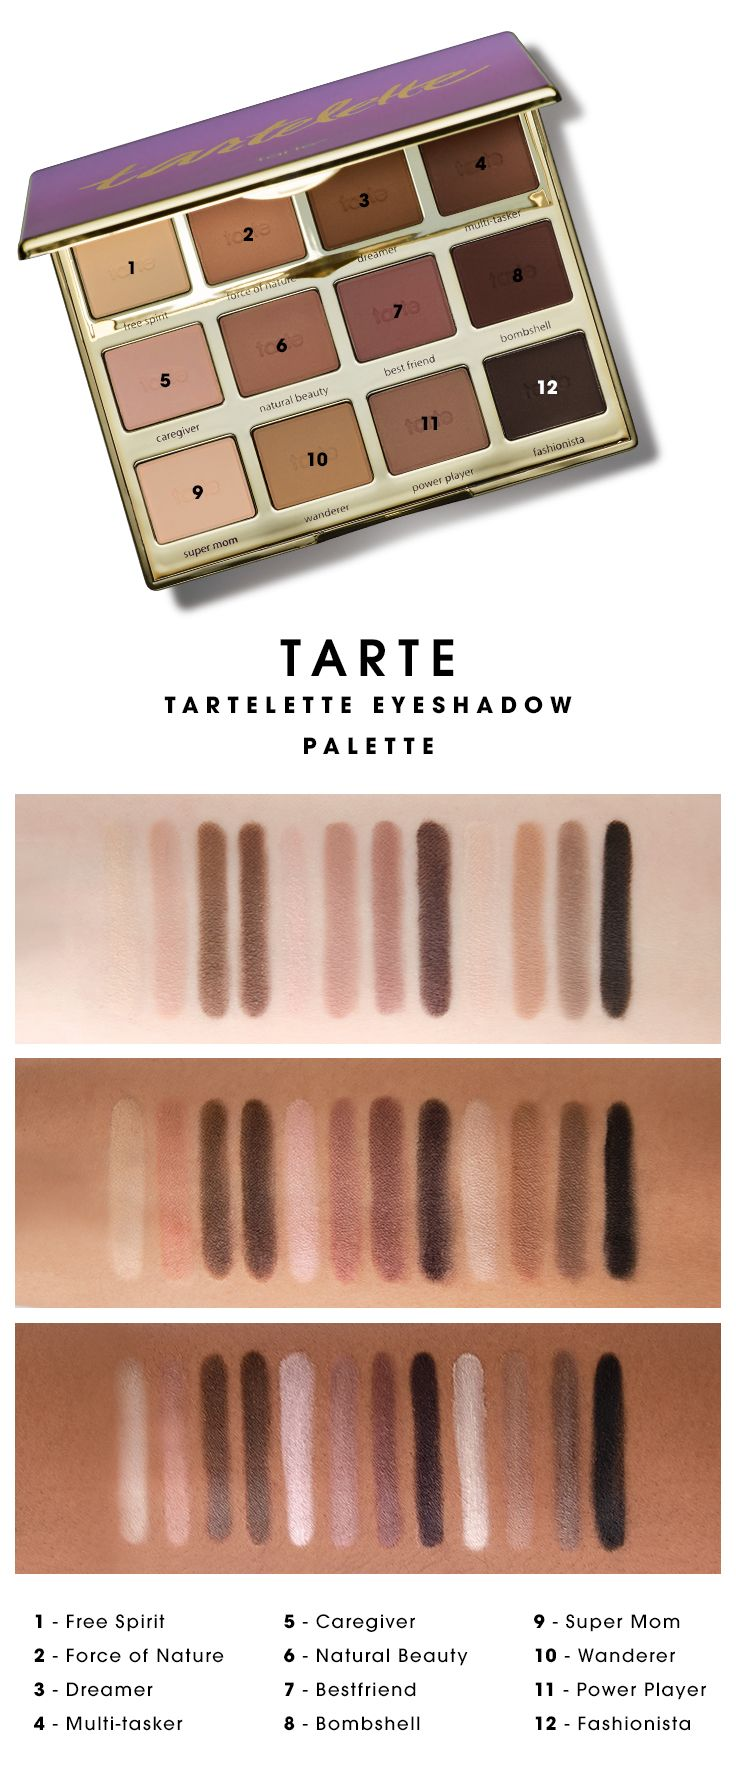 Maneater Eyeshadow Palette Volume II by Tarte #7